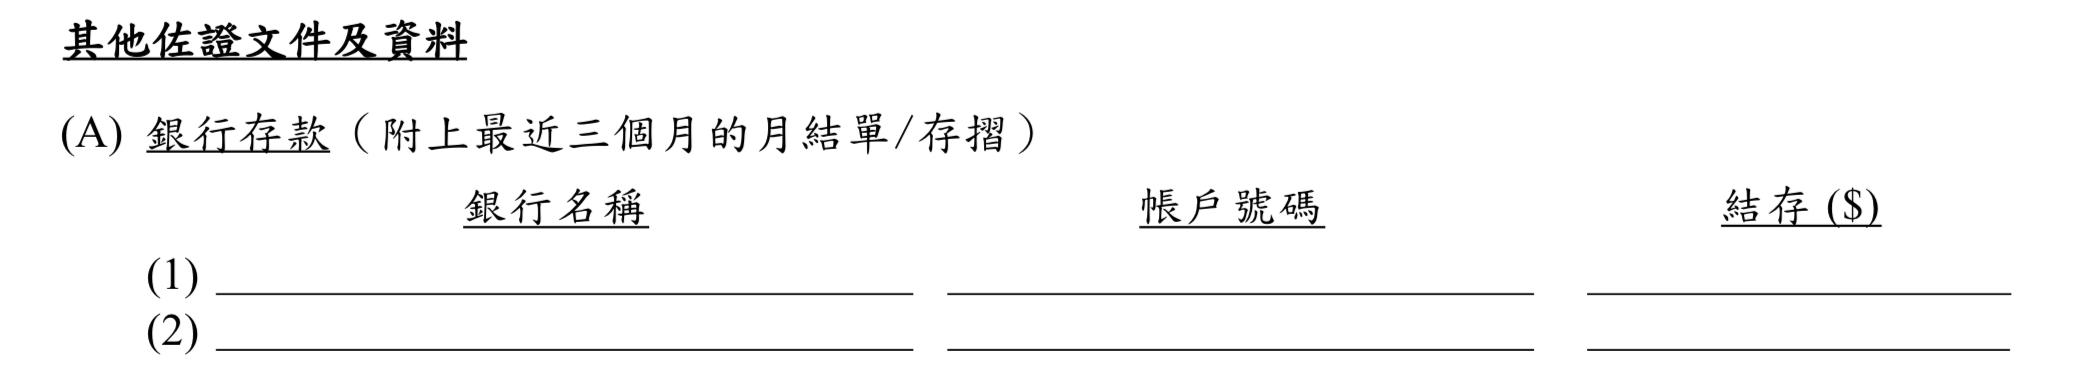 分期交稅申請表2